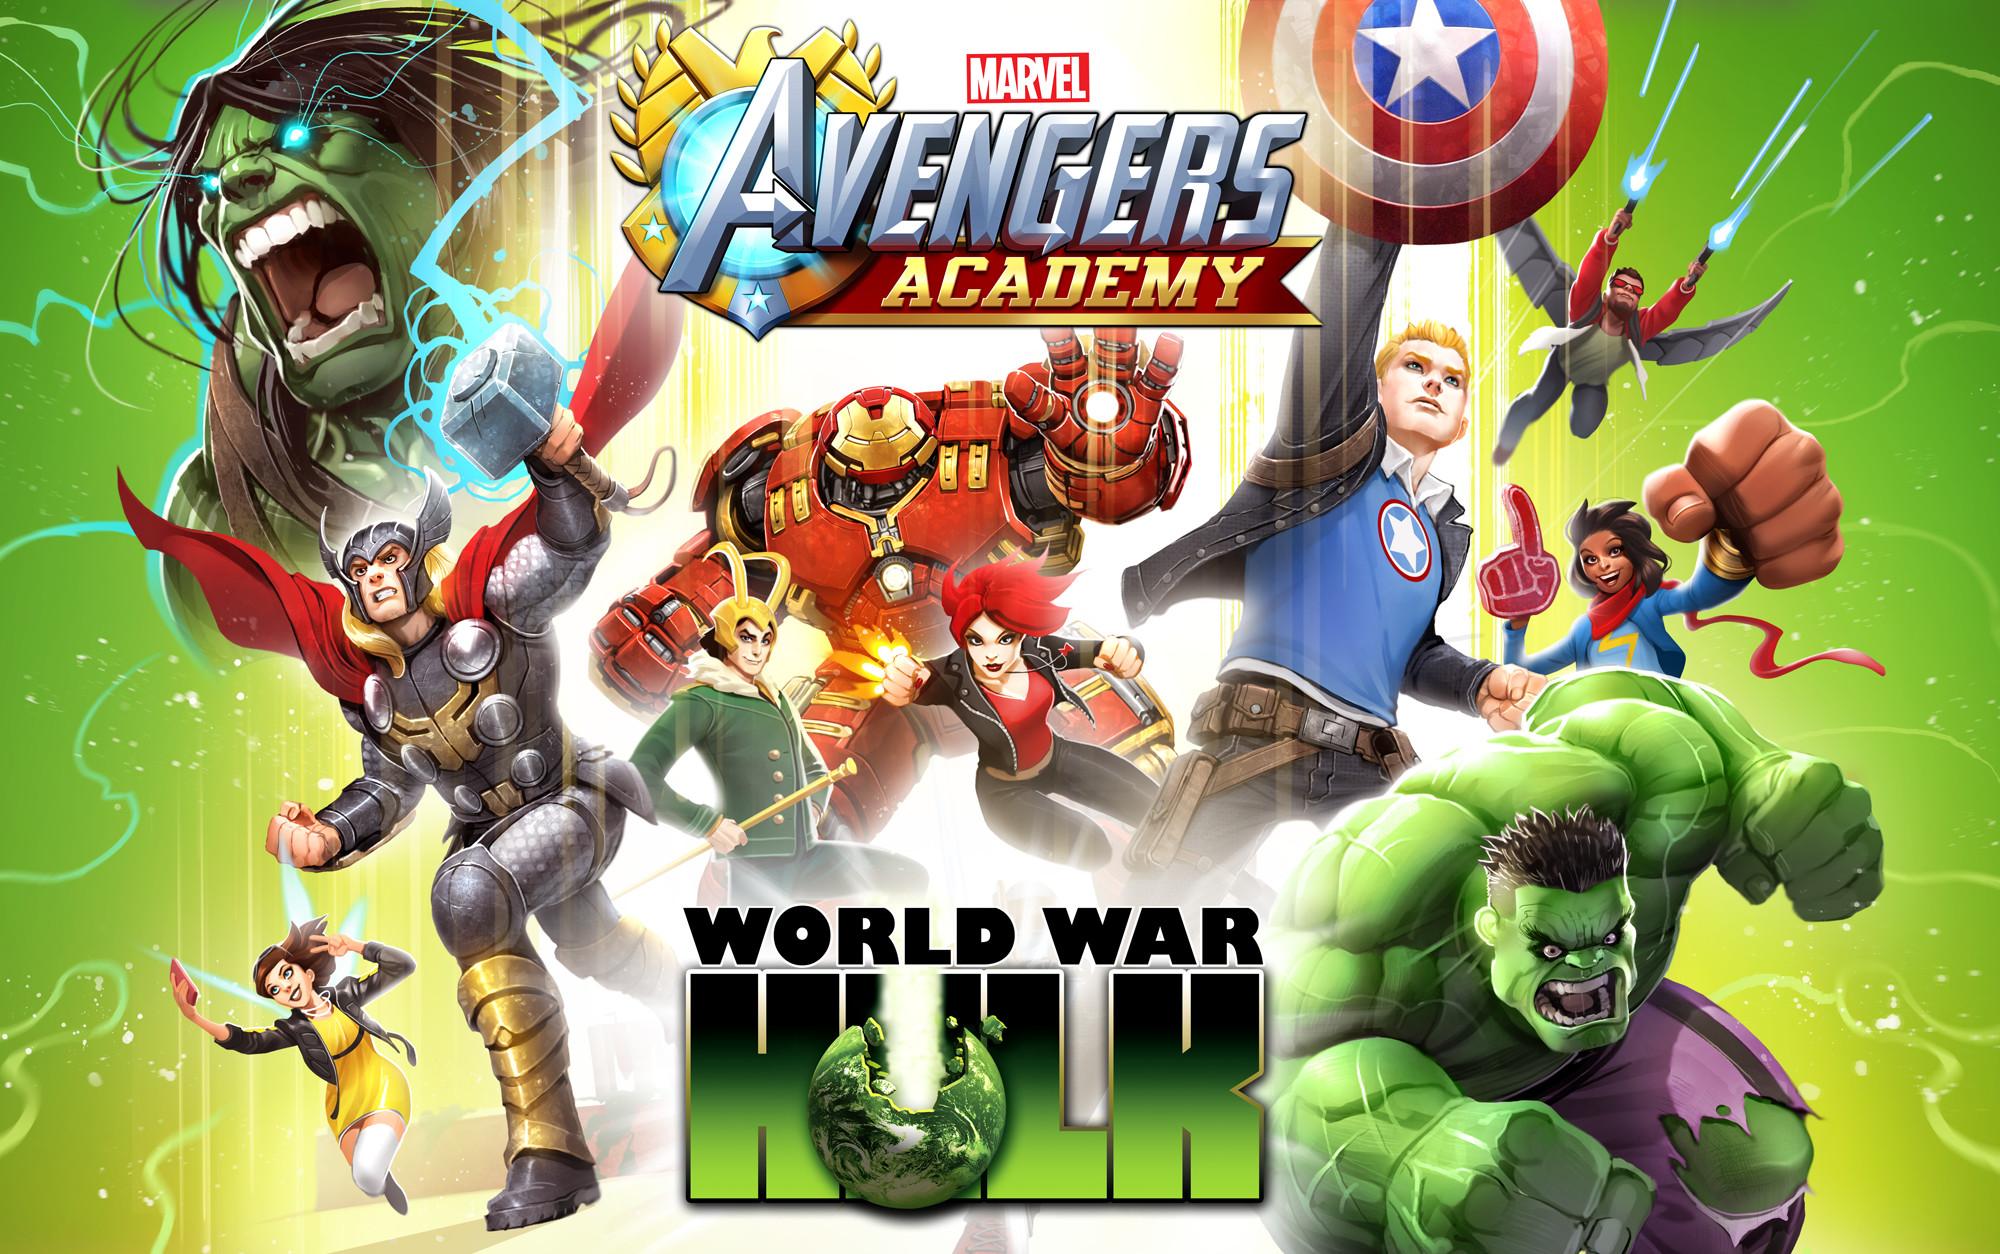 World War Hulk key art.